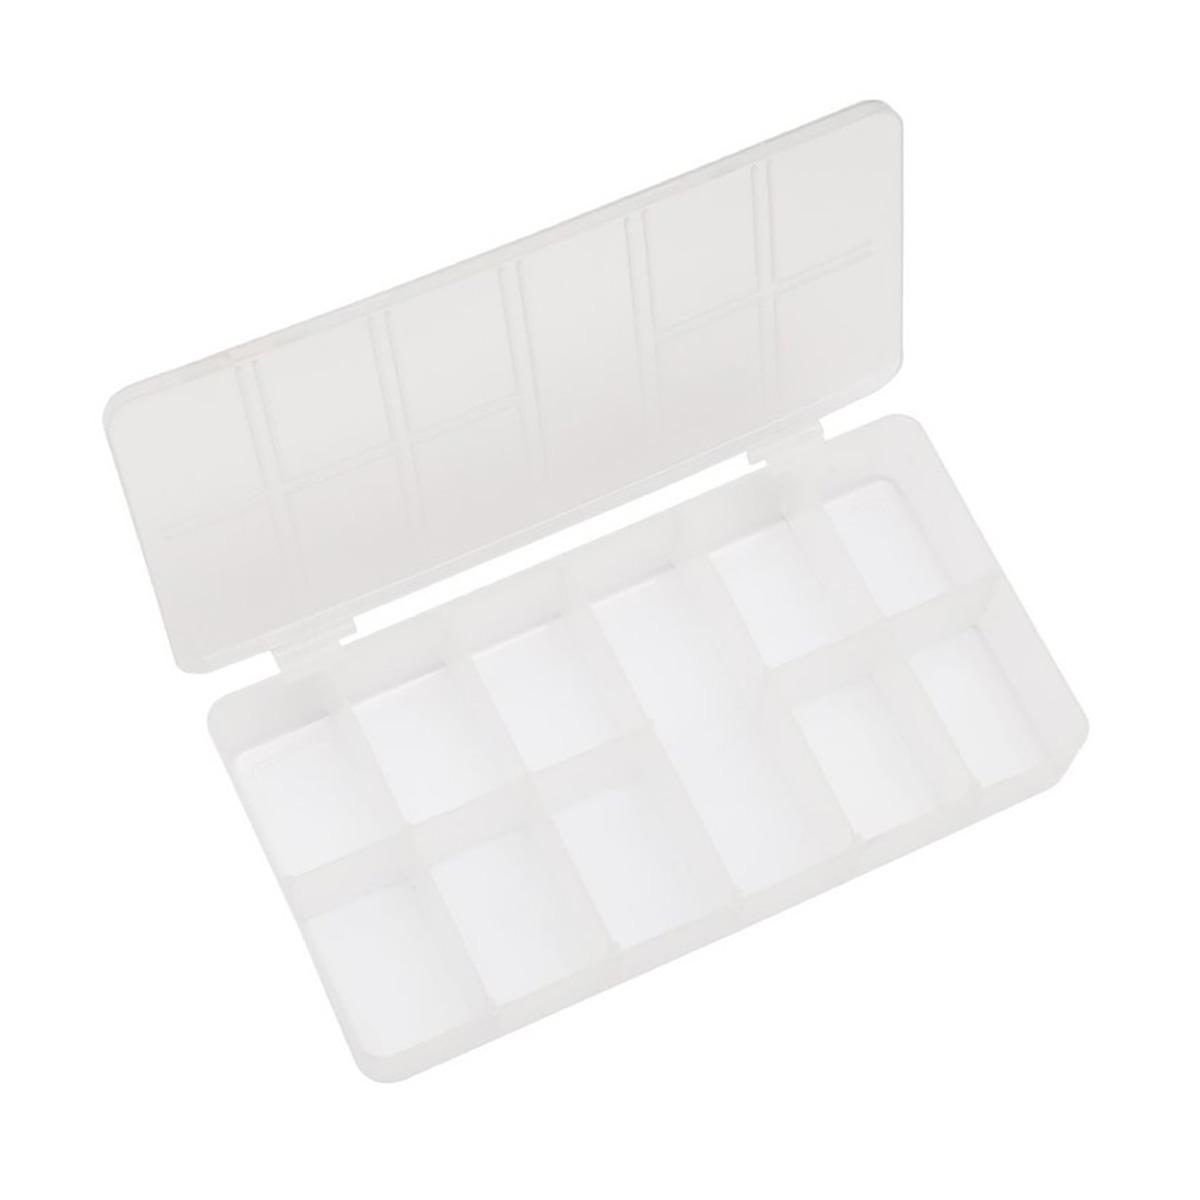 Caixa Organizadora Acrílico Retangular - 11 Divisórias - Transparente